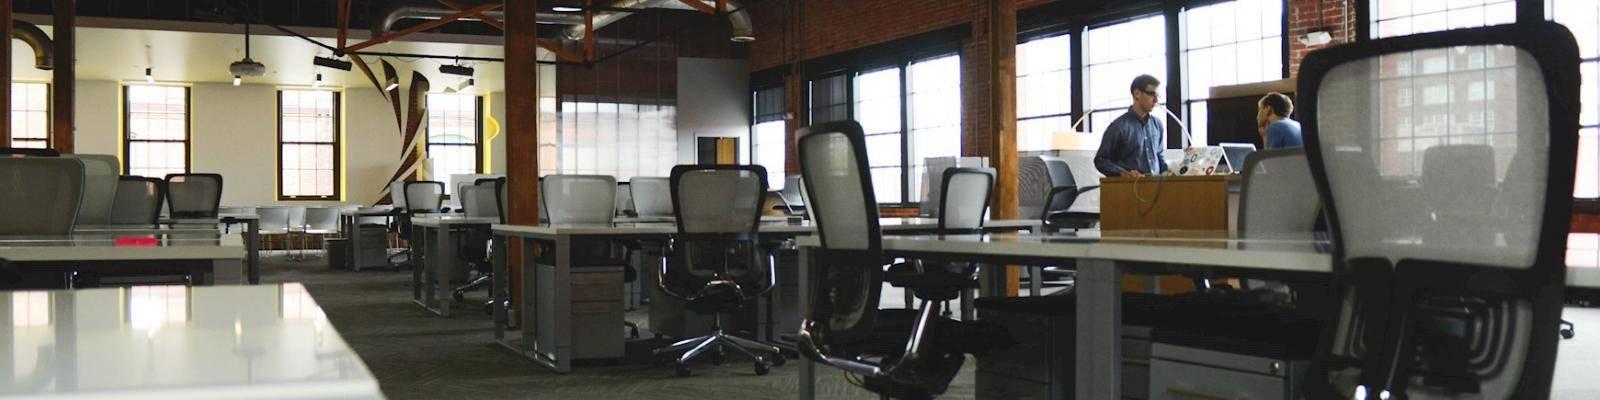 kantoor met bureautafels en stoelen